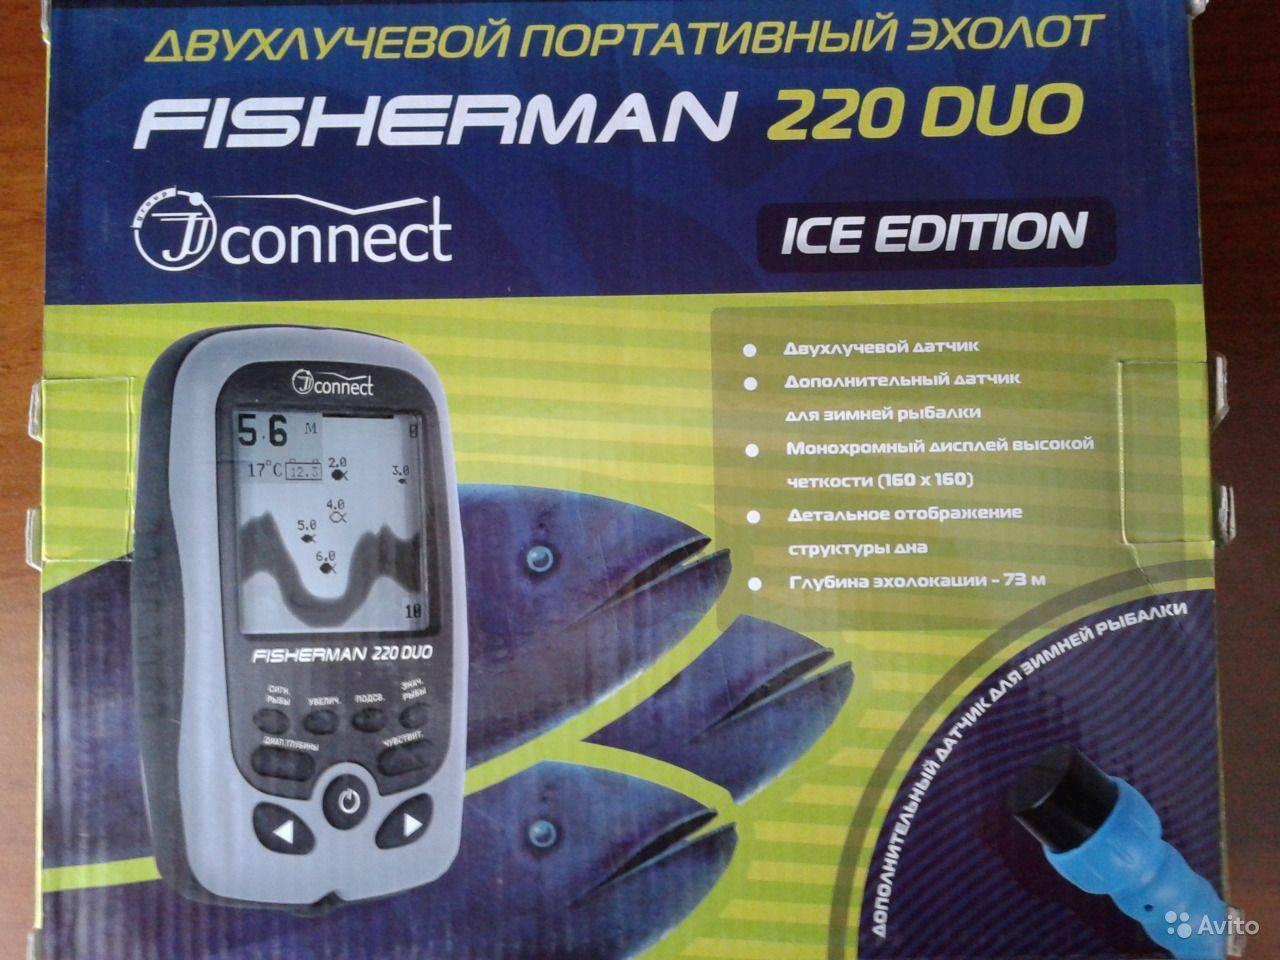 Описание и особенности установки эхолота фишерман 600, стоимость и отзывы владельцев